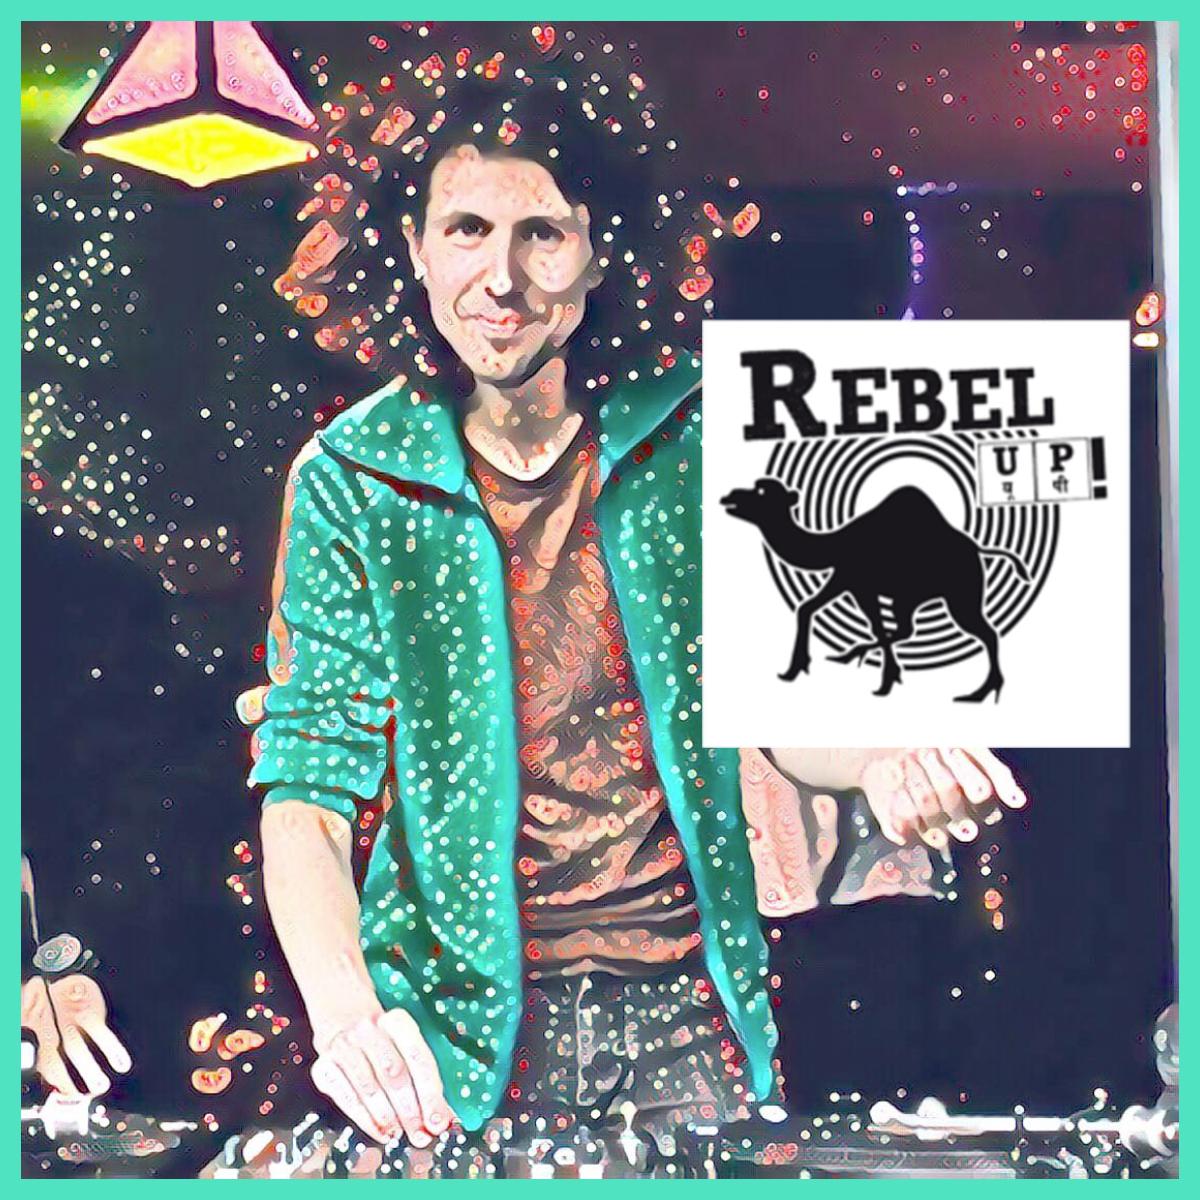 Rebel Up Sebcat